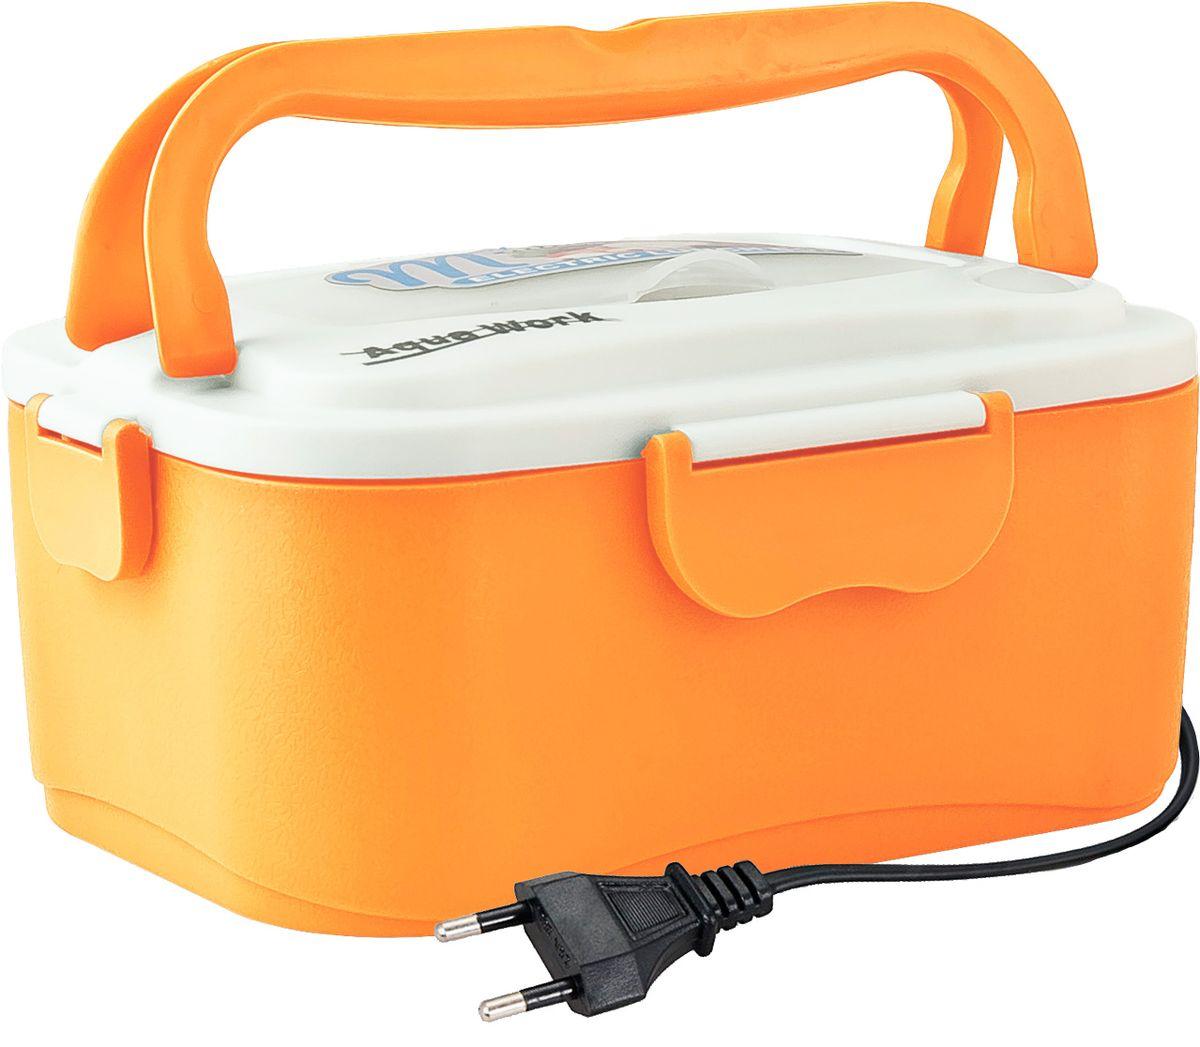 Aqua Work С5, Orange ланчбокс с подогревом 220В ланчбокс goeat зеленый